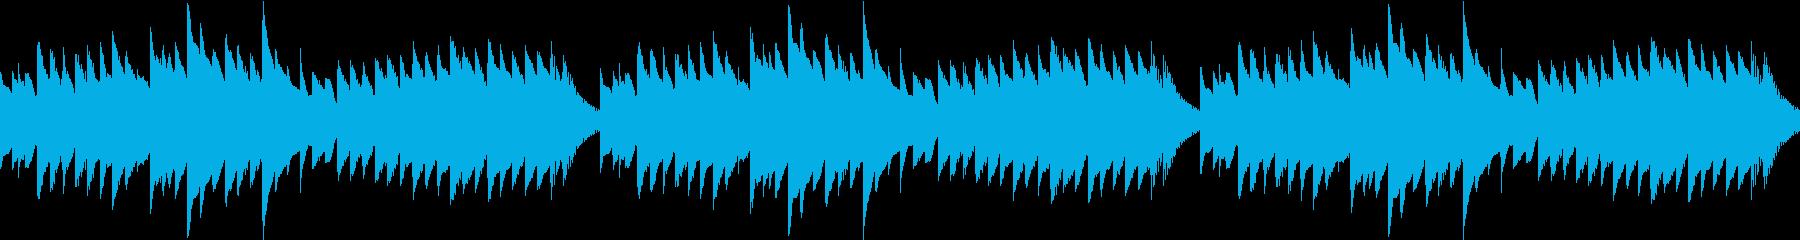 春を連想させるほのぼのワルツ(ループ可)の再生済みの波形